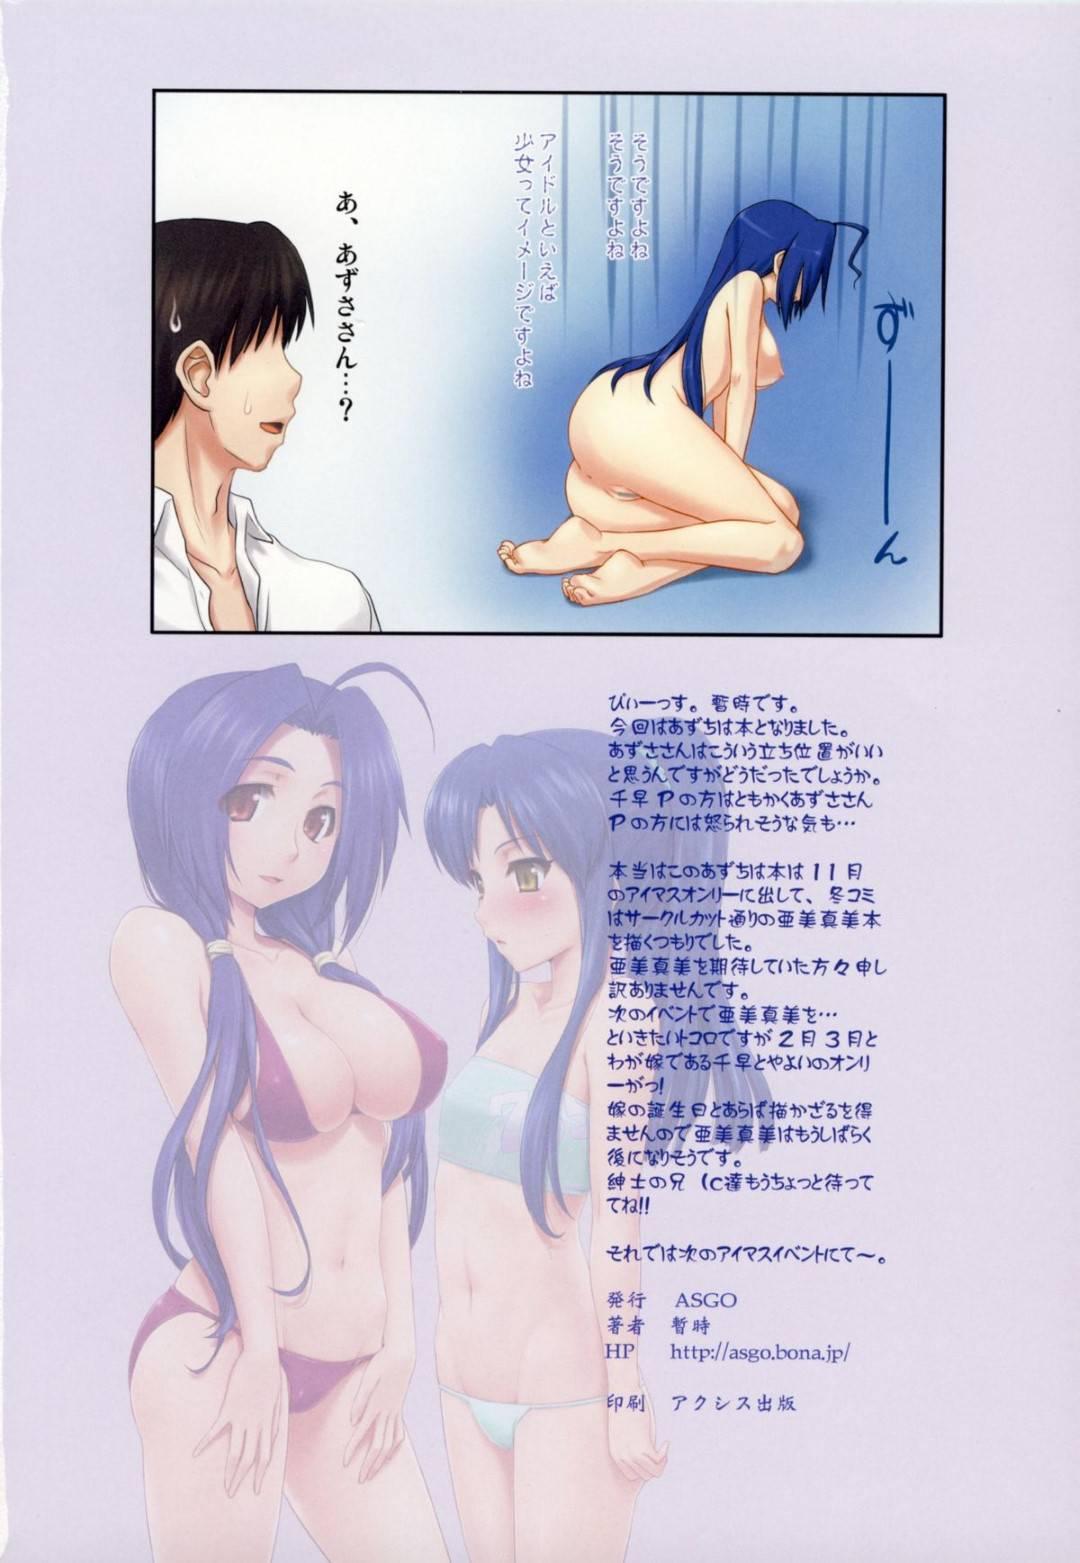 【アイドルマスターエロ漫画】プロデューサーのチンコを千早とあずさでWパイズリで射精させ3Pセックス【暫時】